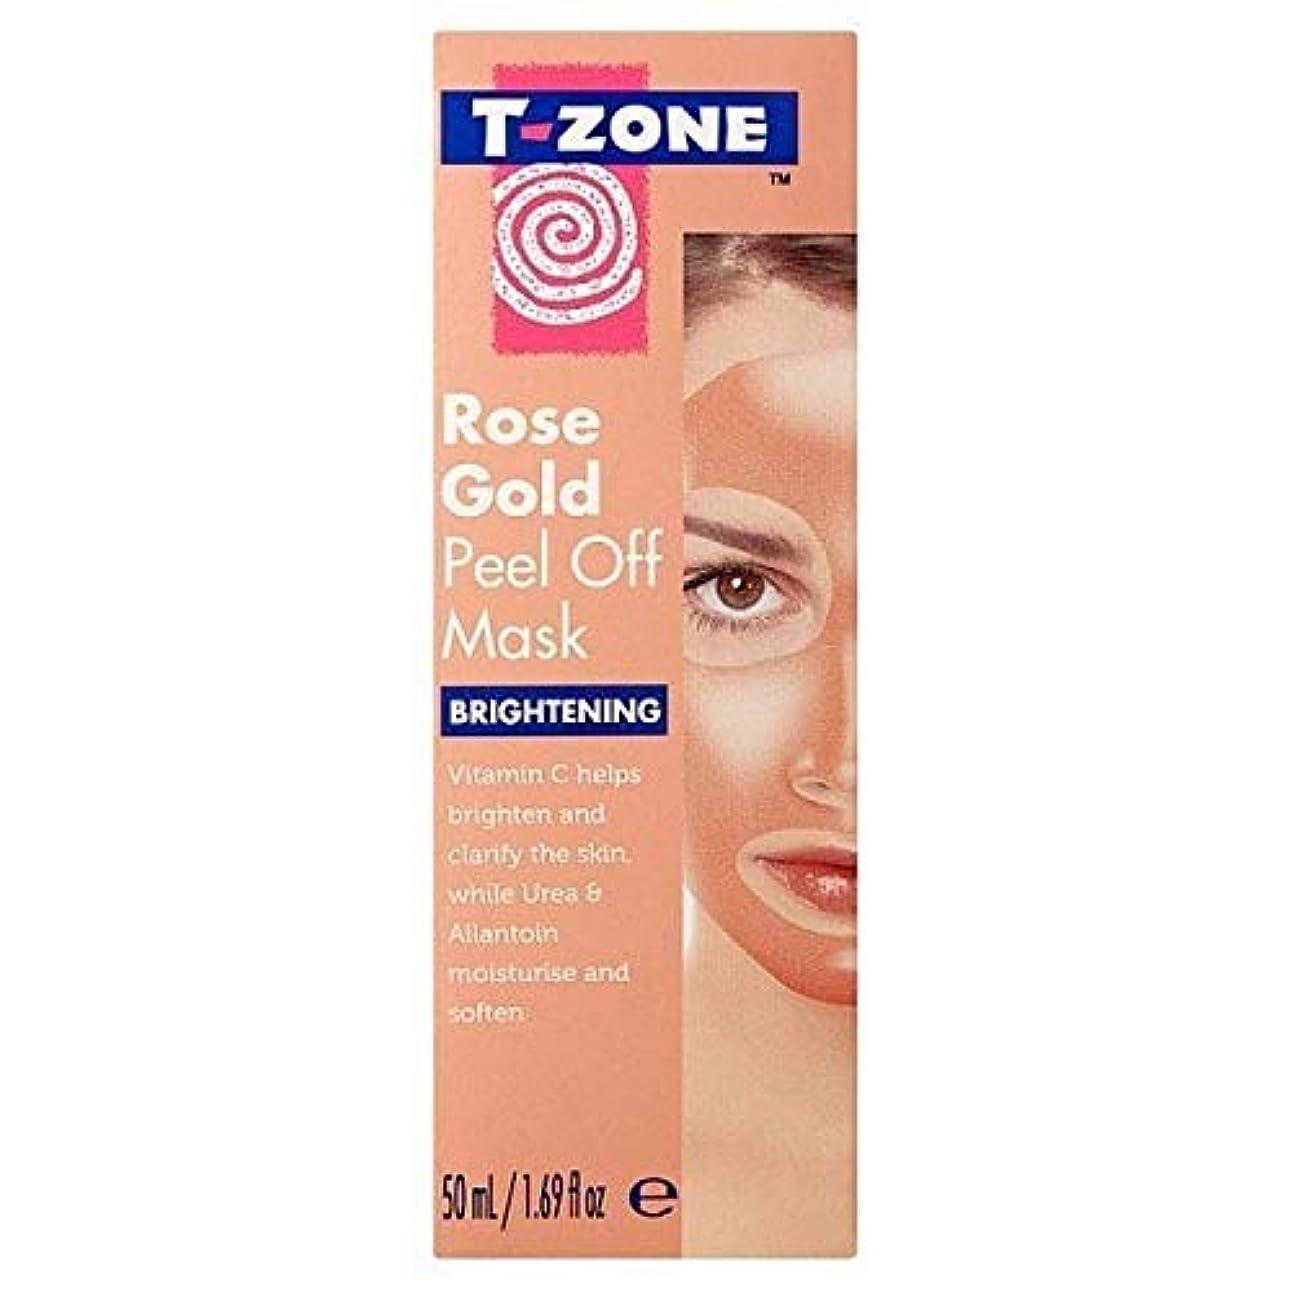 大きい知性軽食[T-Zone] Tゾーンは、金マスク50ミリリットルを明るくはがしバラ - T-Zone Rose Gold Peel Off Brightening Mask 50ml [並行輸入品]